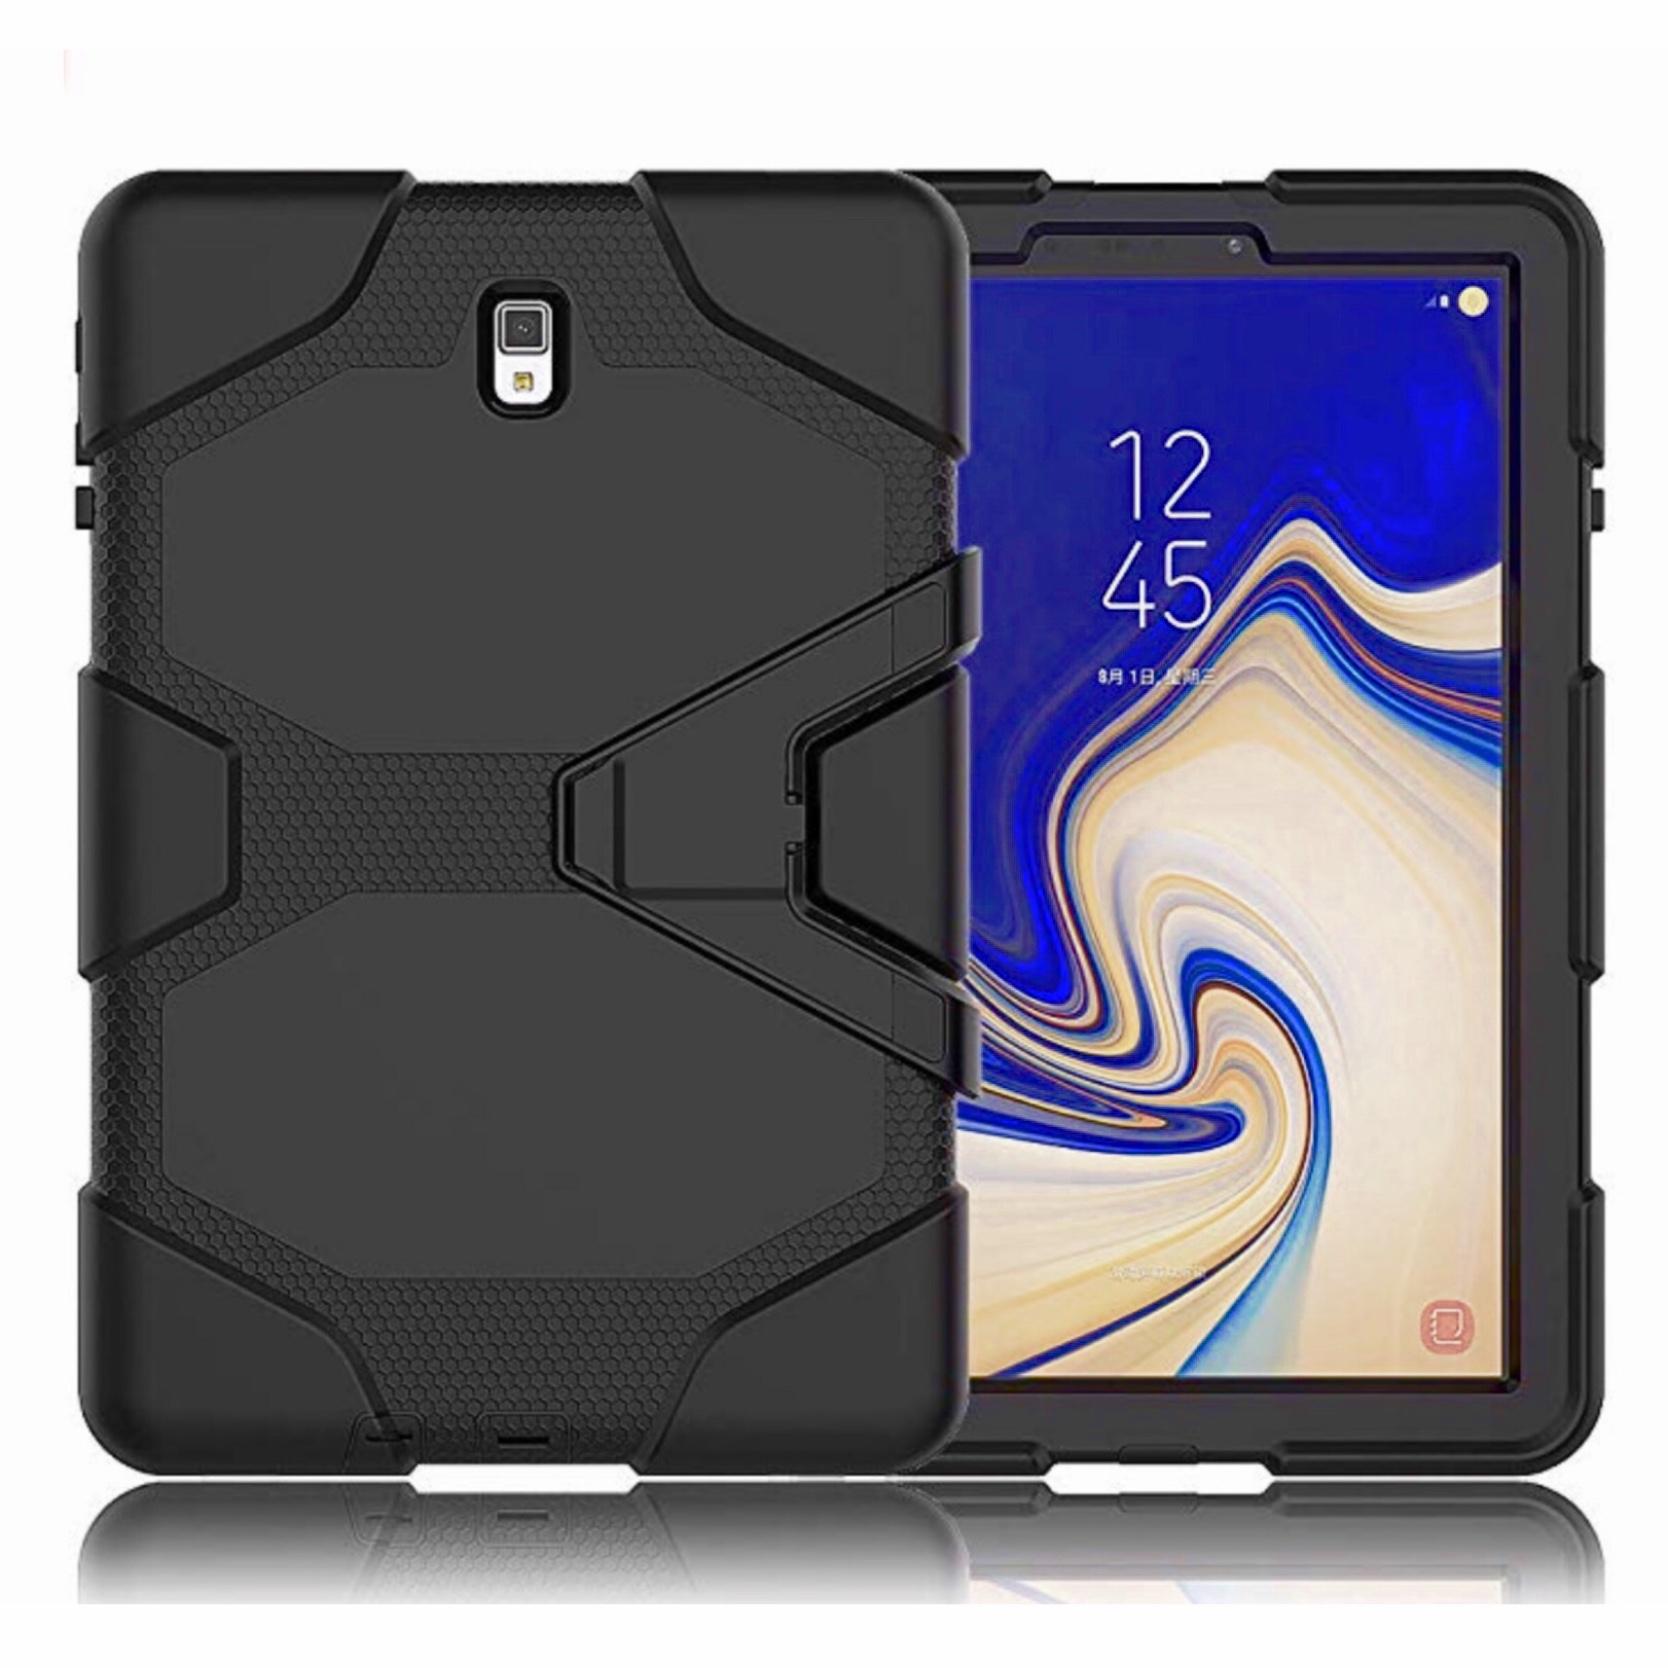 Galaxy TAB S4 10.5 pouces Coque renforcee et film rigide ecran Vegas Noir